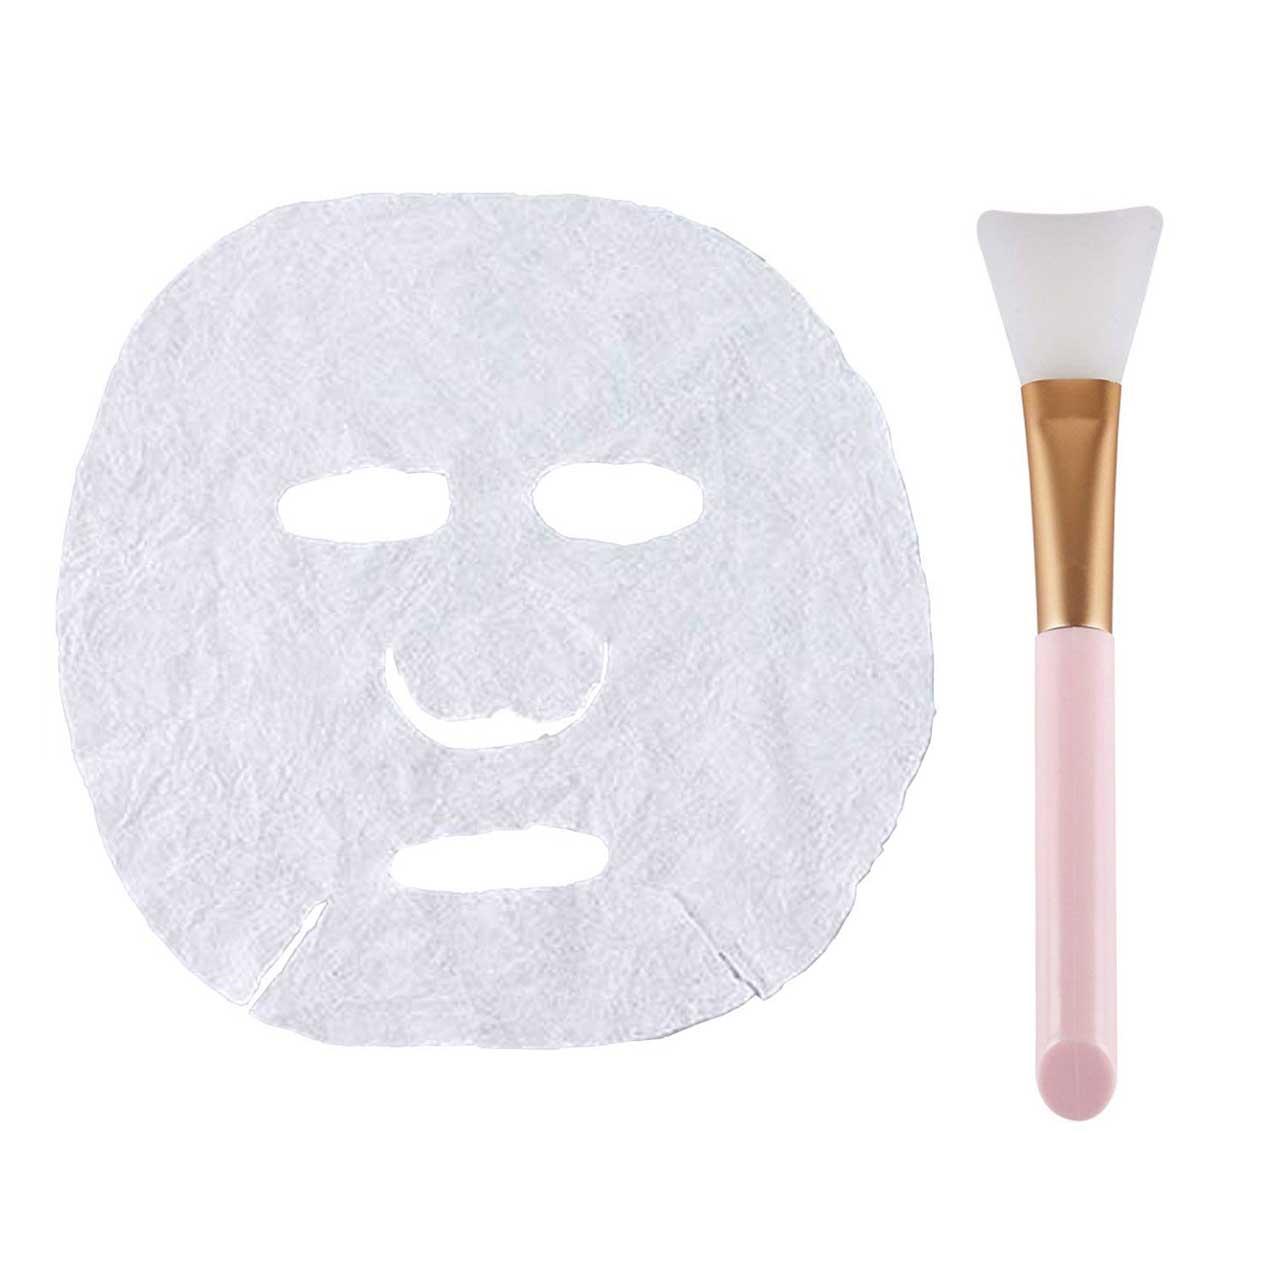 قرص ماسک ورقه ای صورت کد 001 بسته 10 عددی به همراه قلم ماسک مدل badonya2